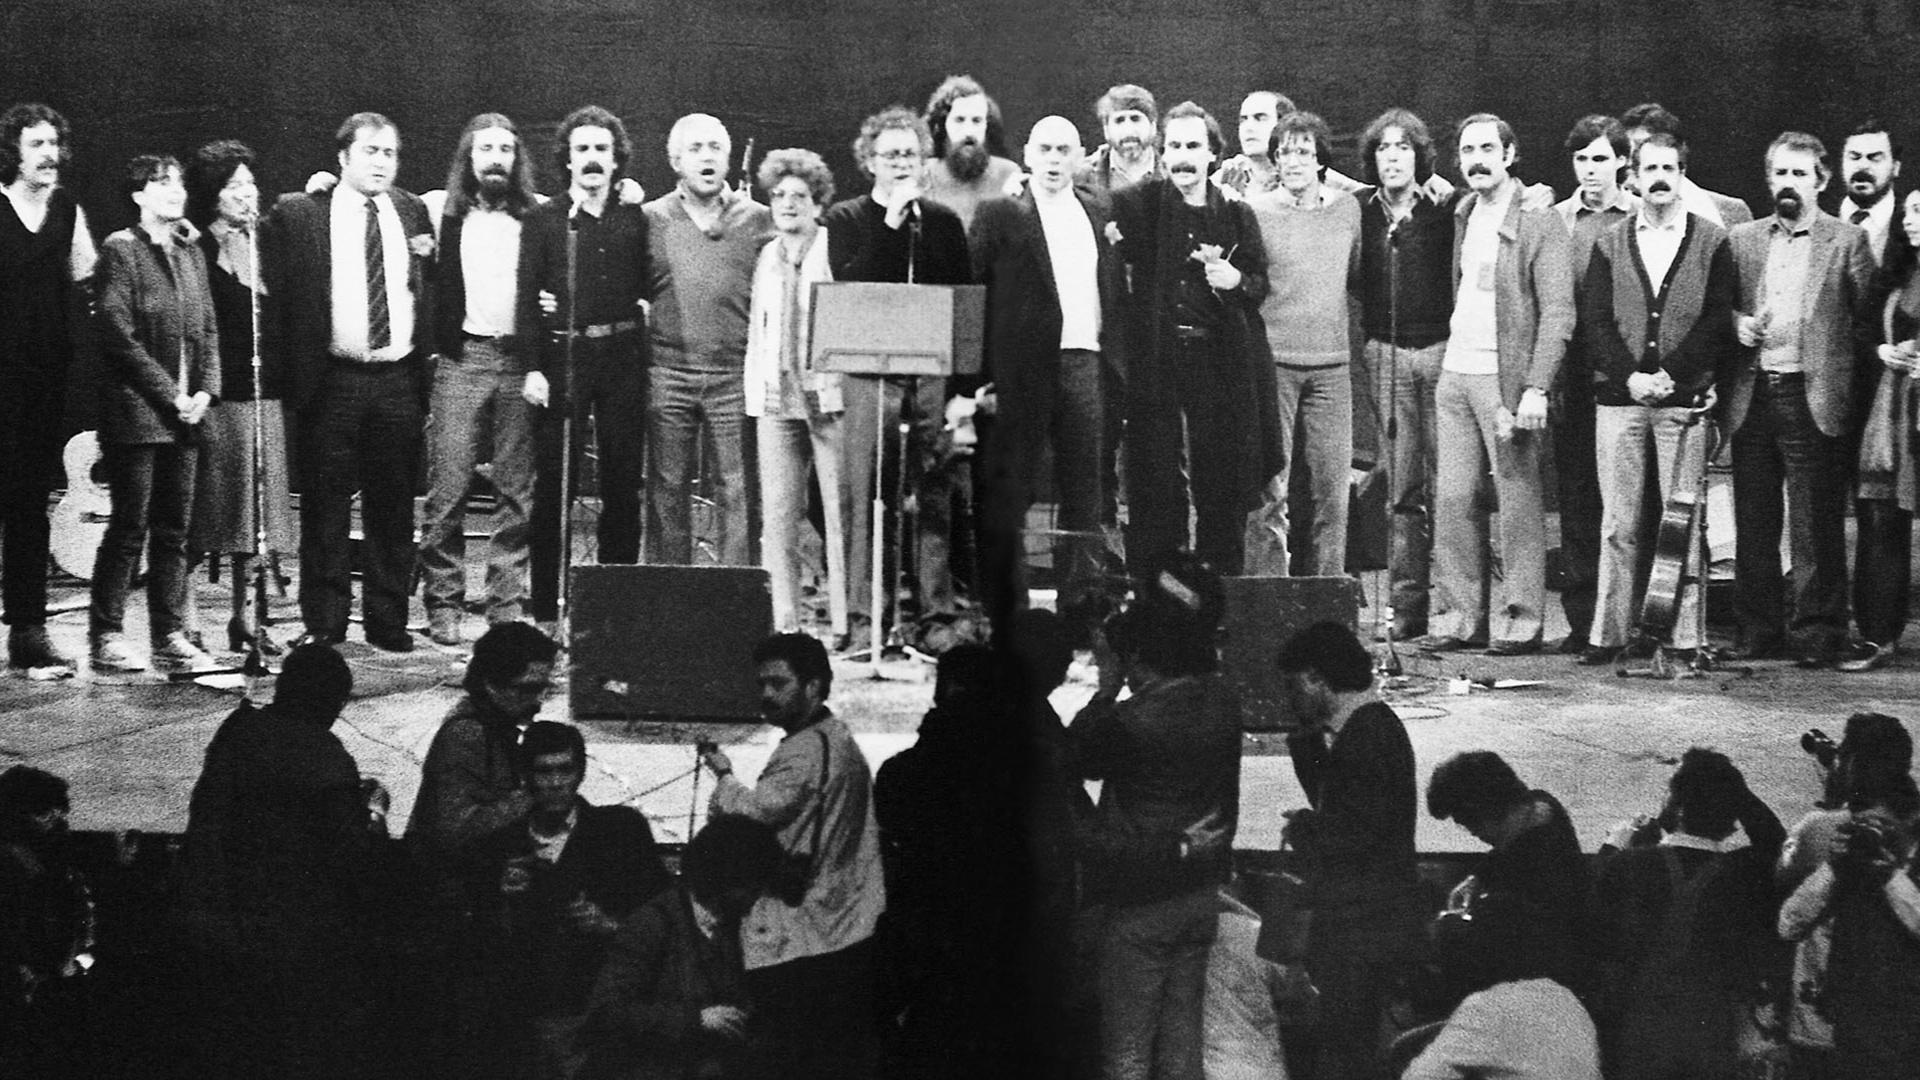 PÚBLICO - Especial: o concerto histórico que uniu palco e plateia